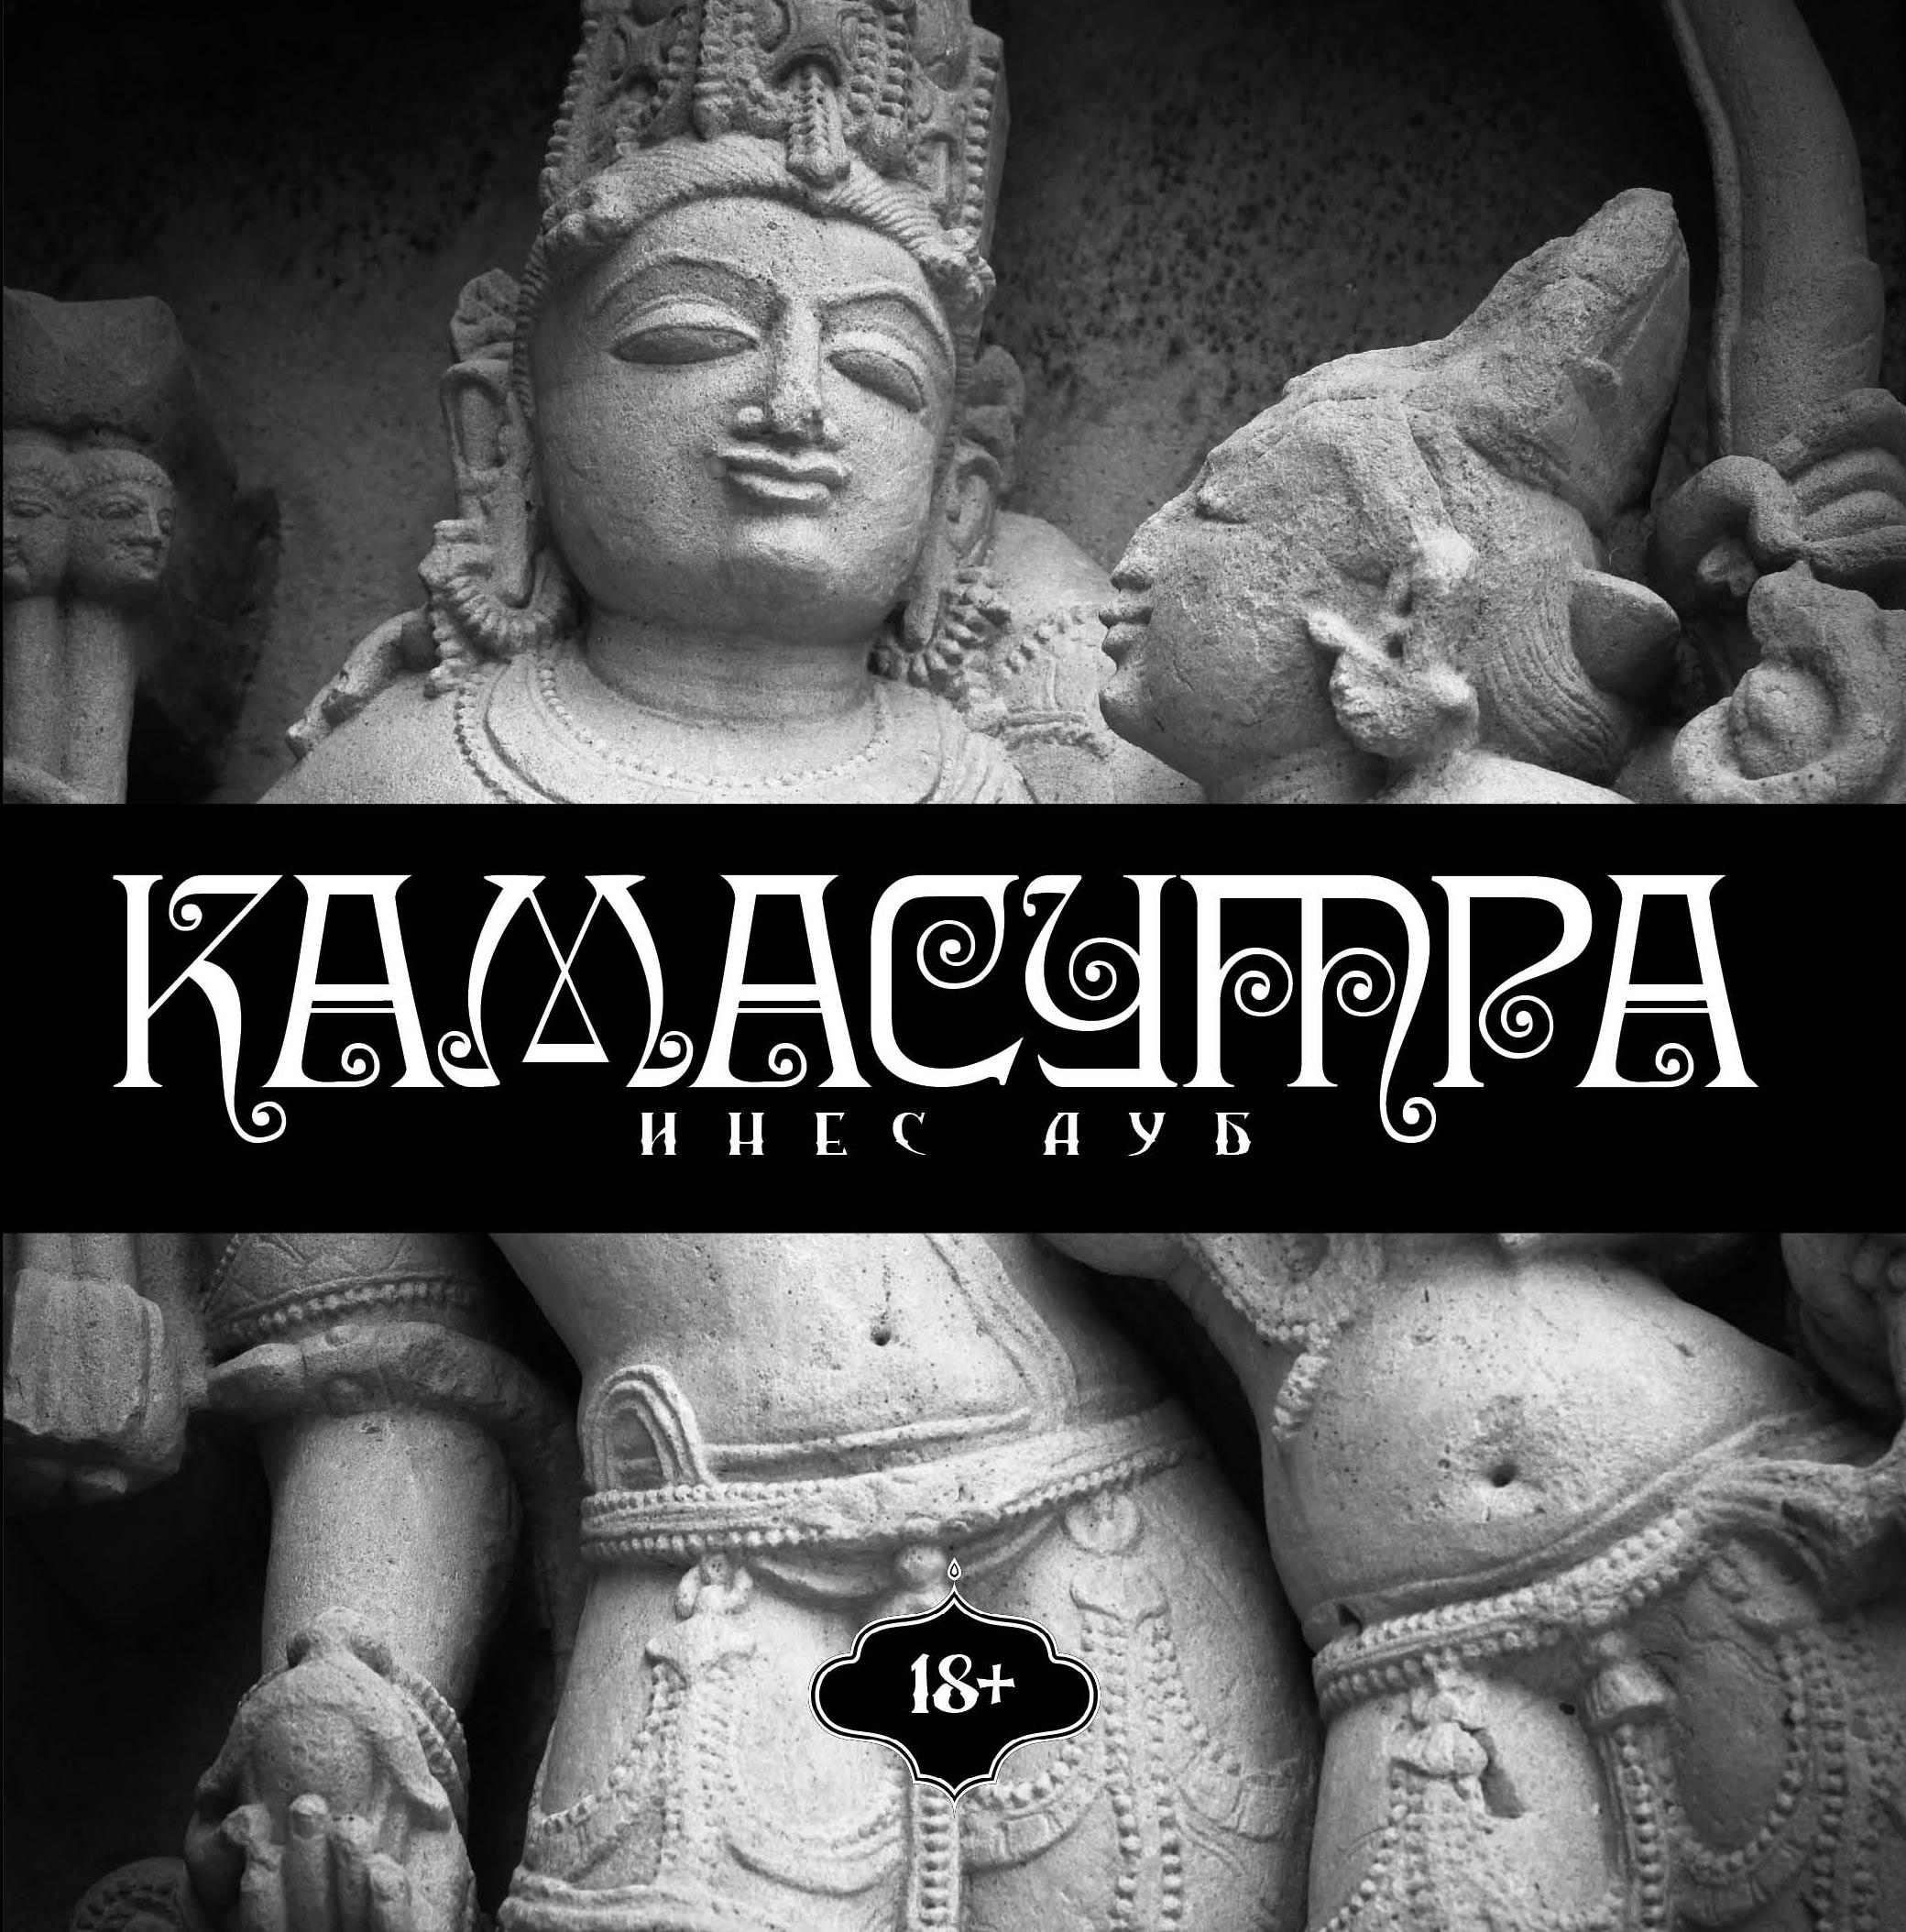 kamasutra-dlya-oratora-skachat-torrent